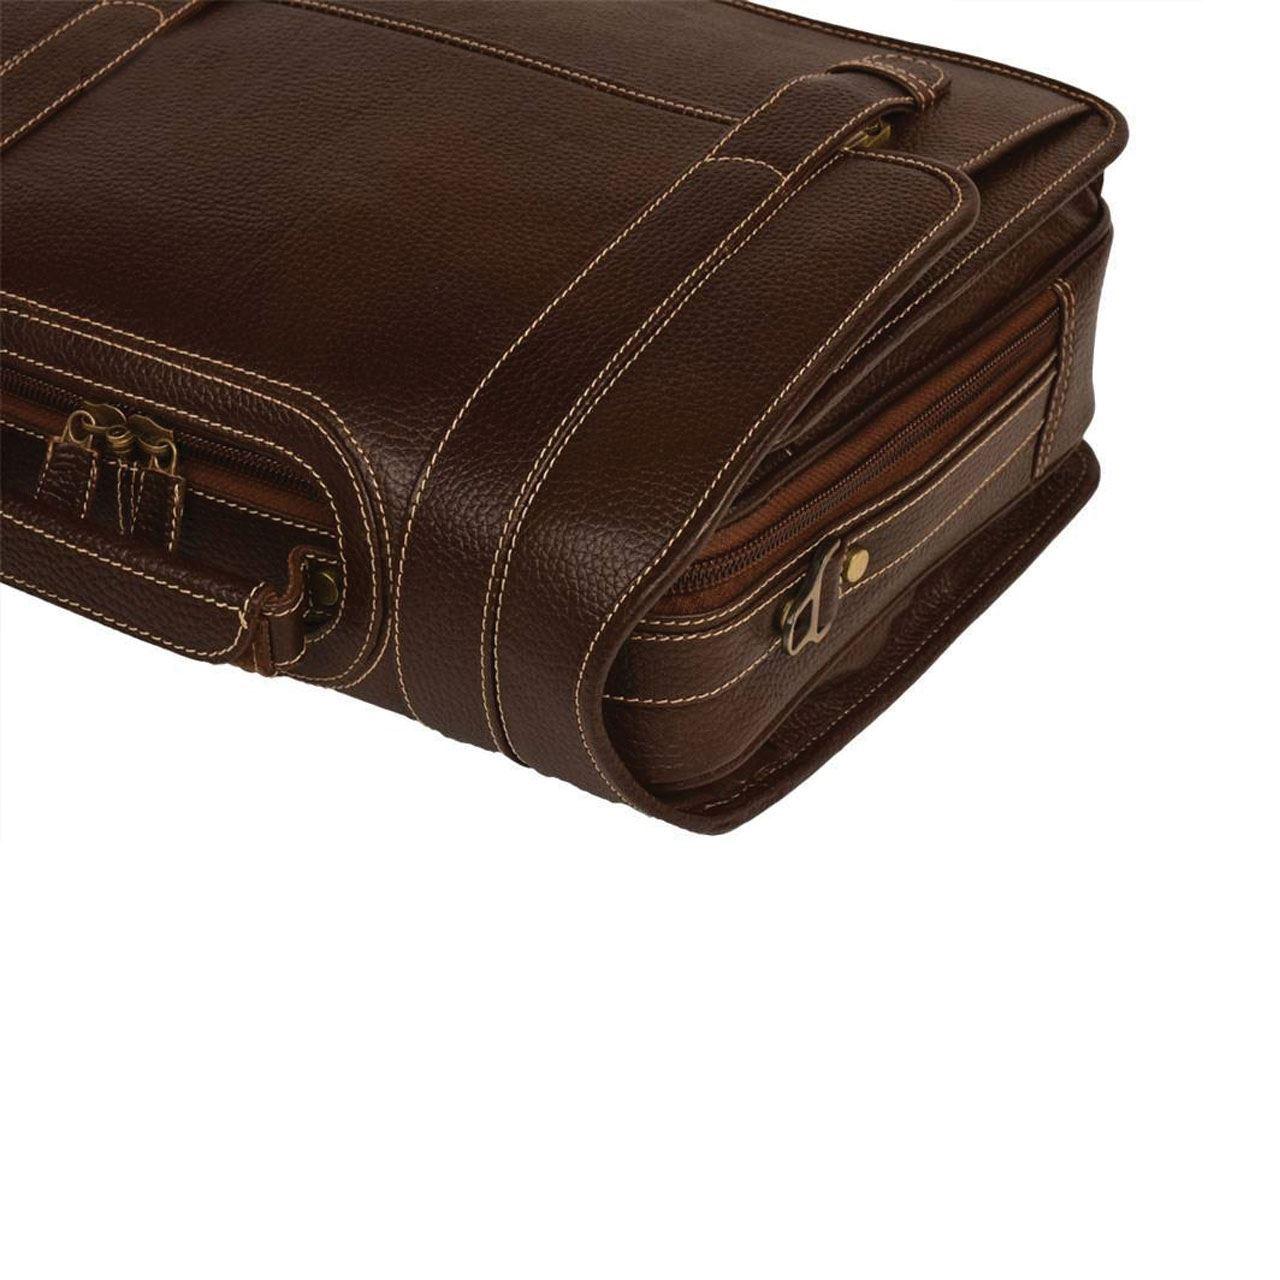 کیف اداری مردانه پارینه چرم مدل LT1 main 1 19